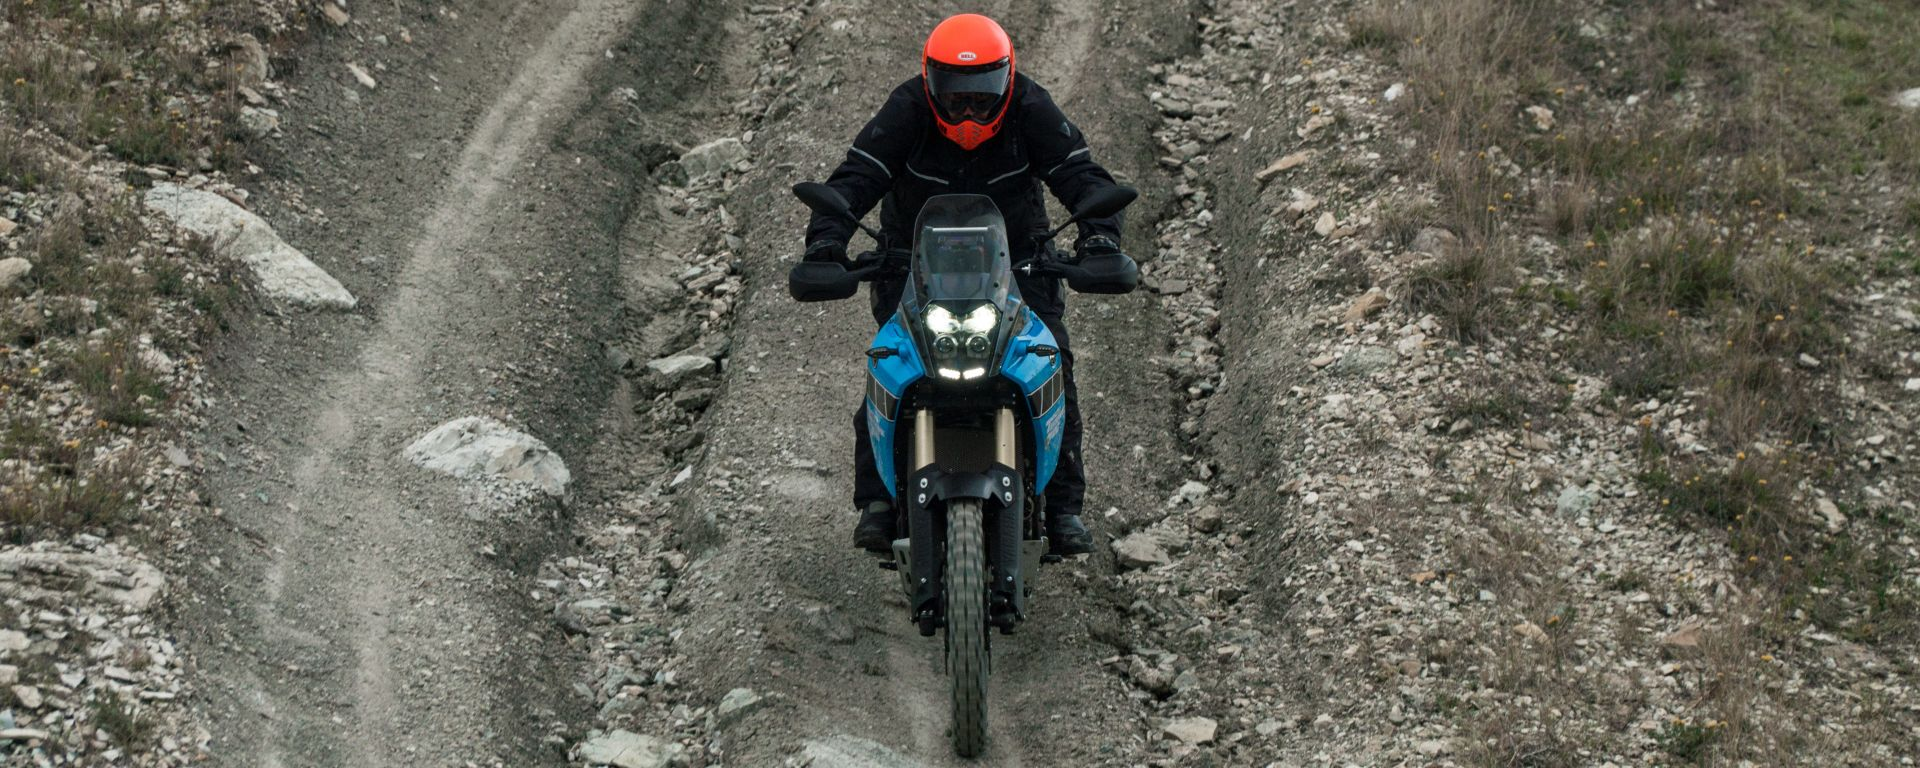 Yamaha Ténéré 700 Rally Edition: il richiamo della Dakar